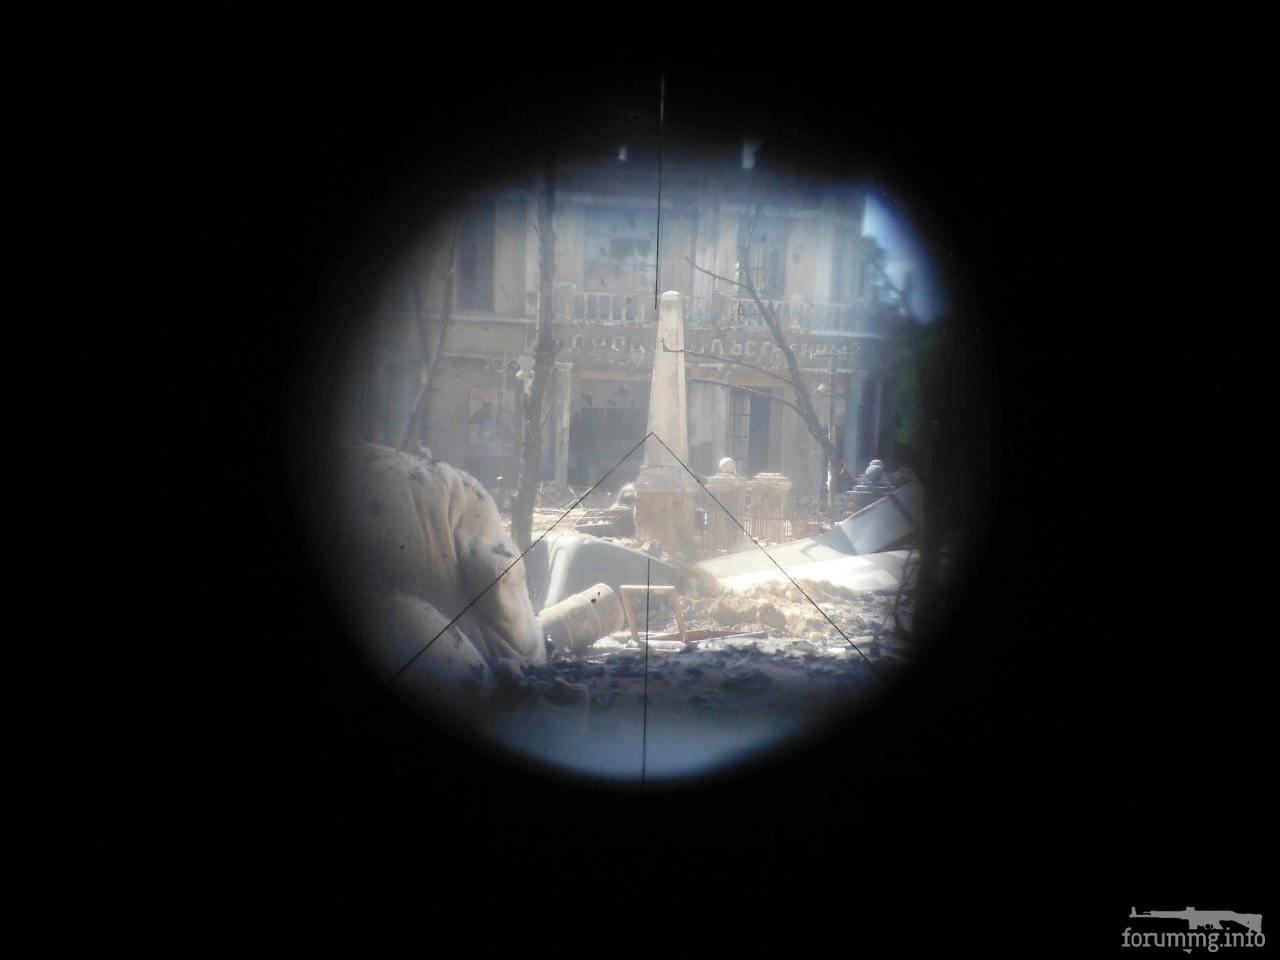 119214 - Все о пулемете MG-34 - история, модификации, клейма и т.д.